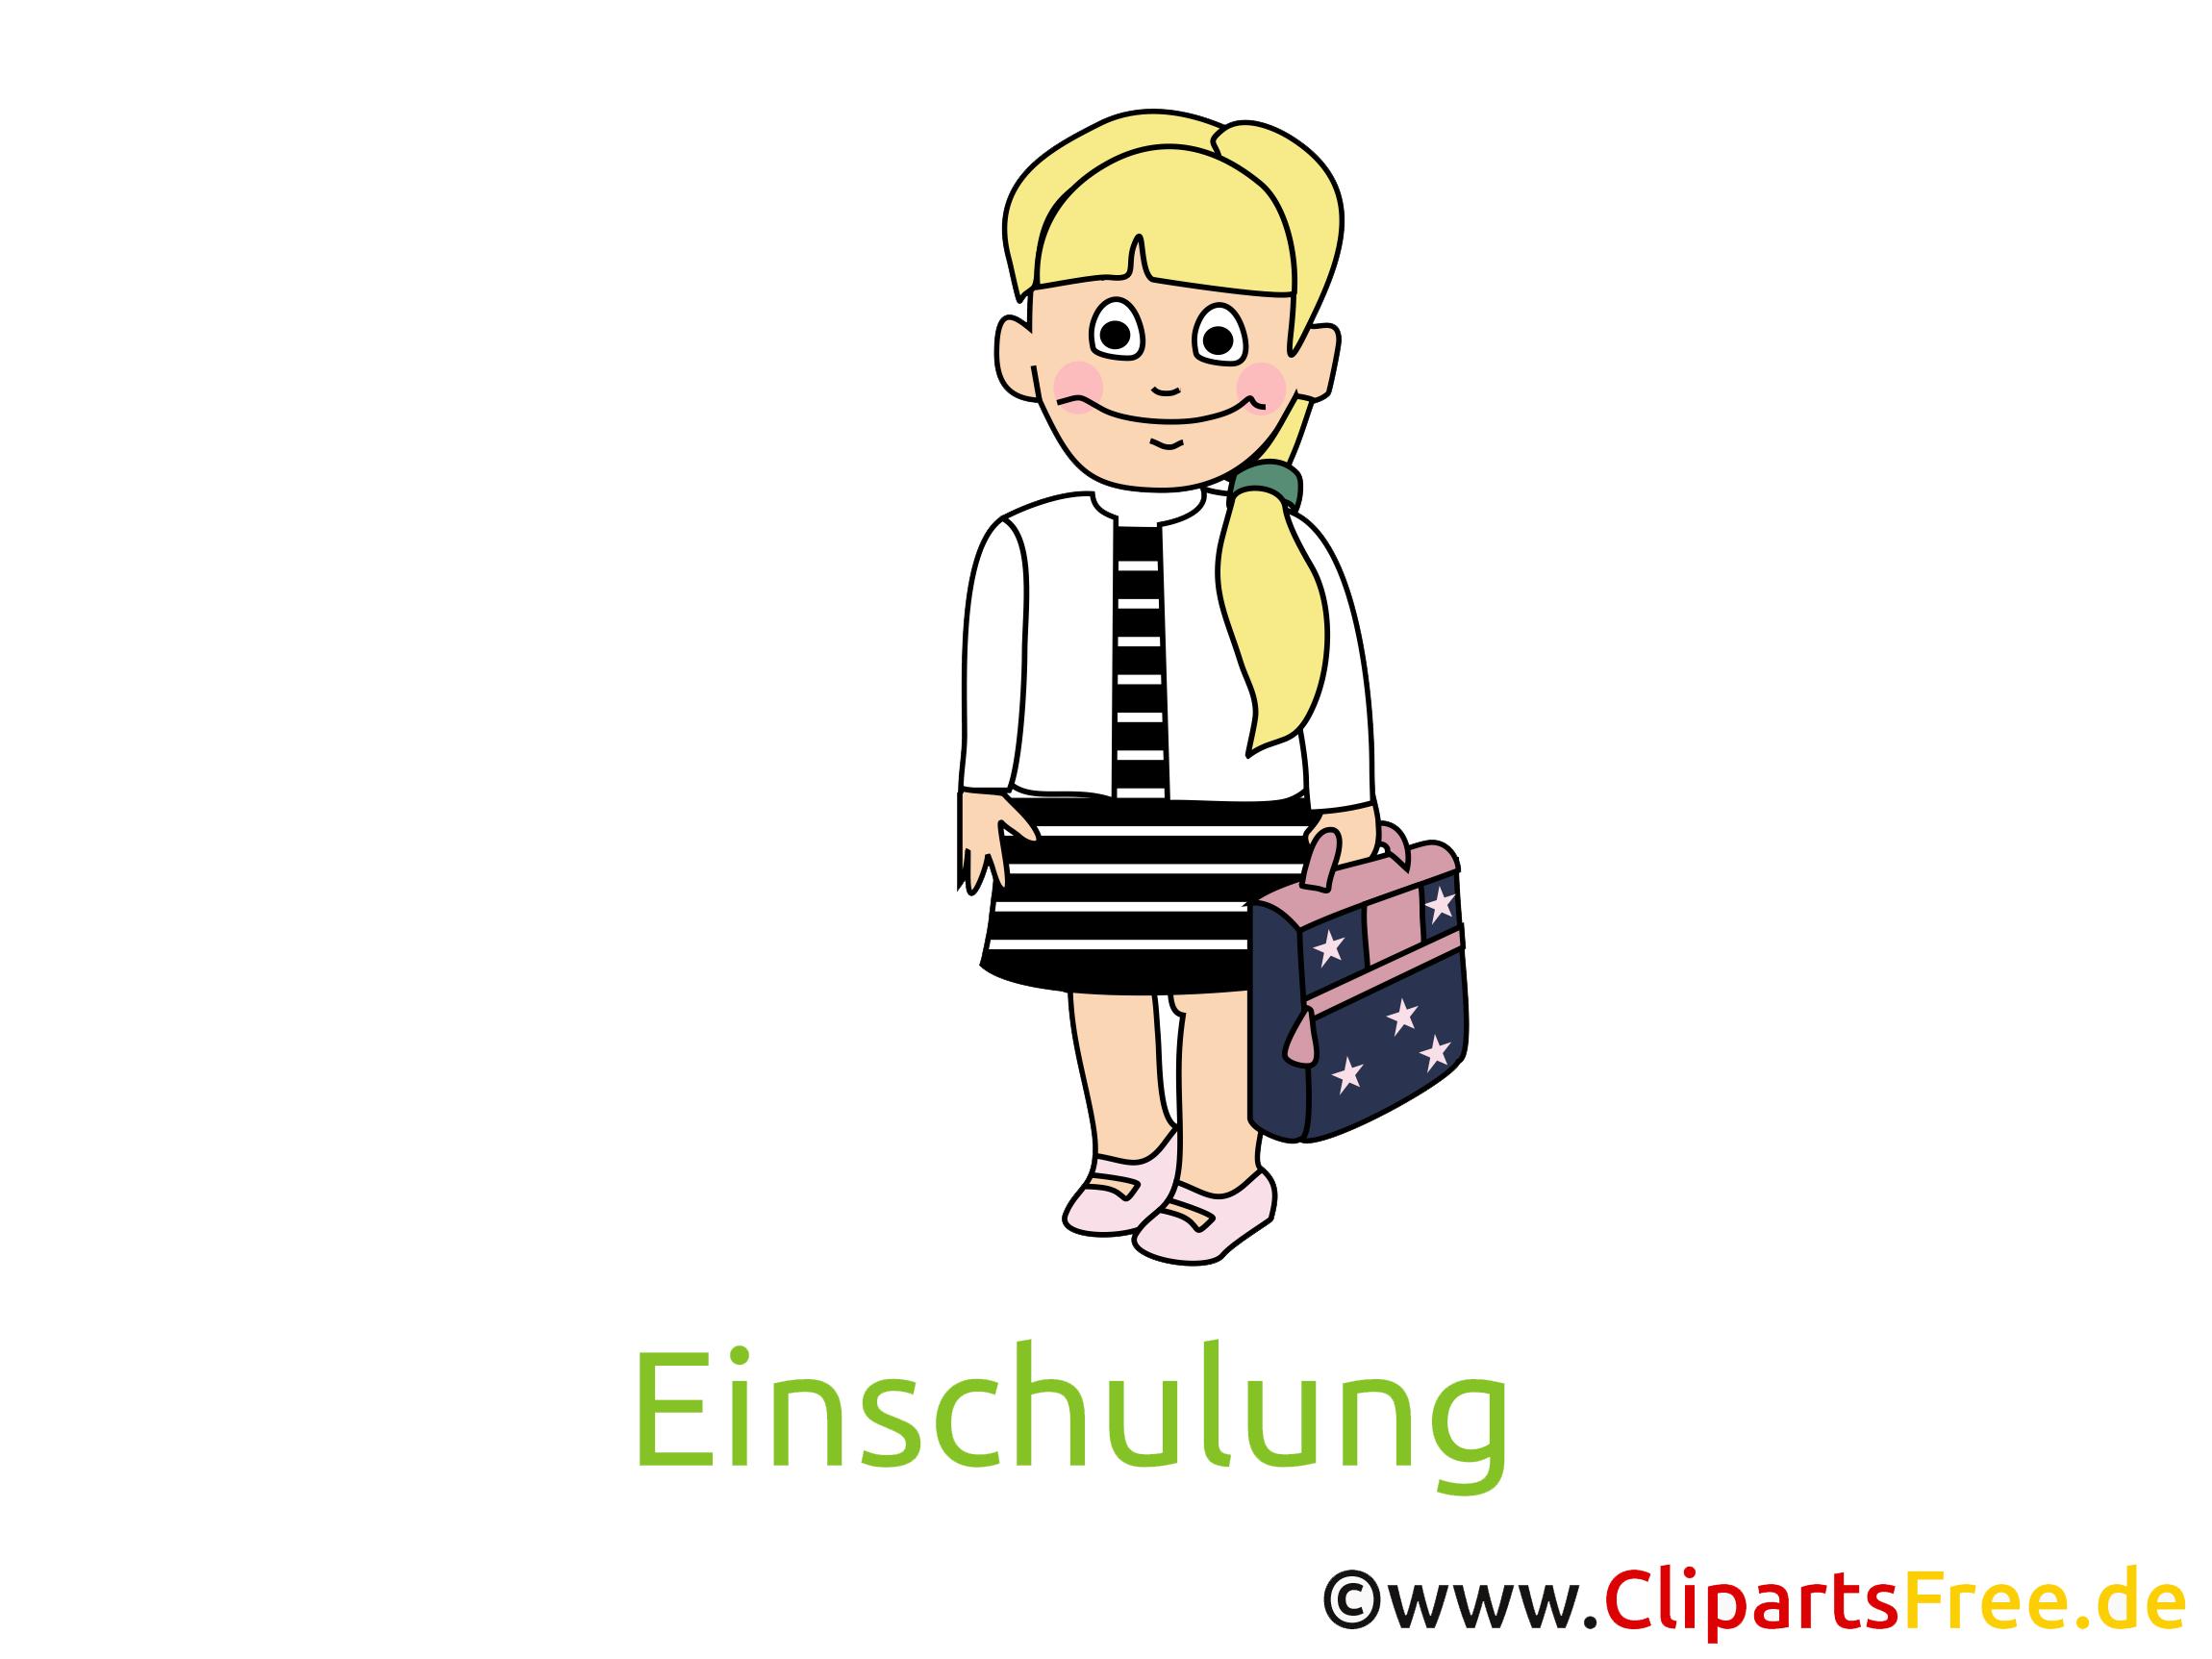 Clipart Schule, Mädchen, Schülerin